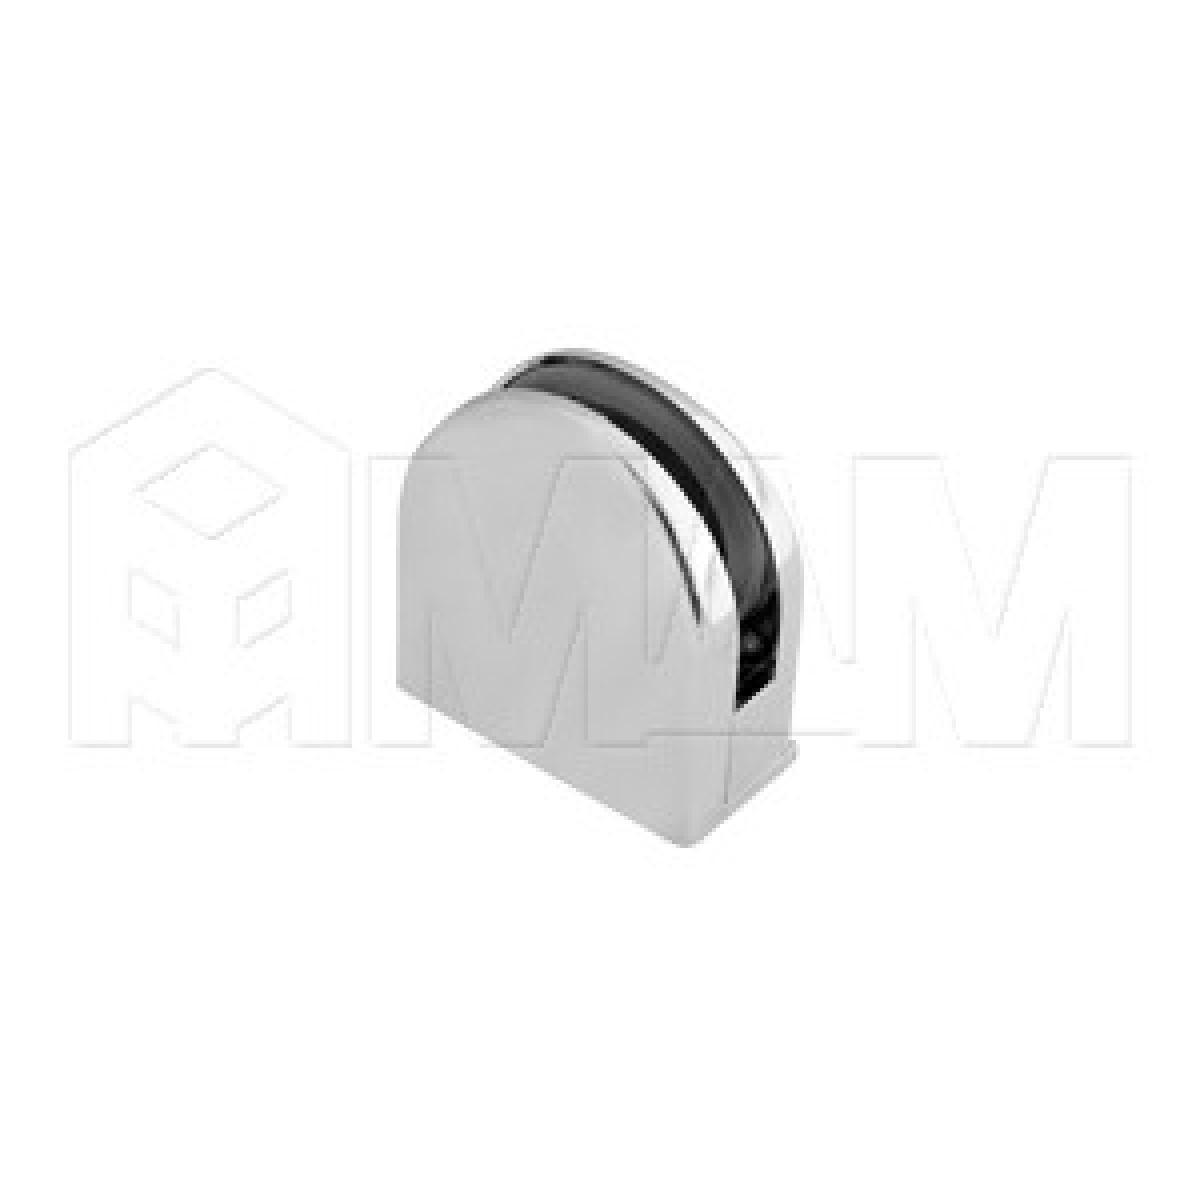 Коннекторы - Коннектор ДСП-стекло 8-12 мм, хром